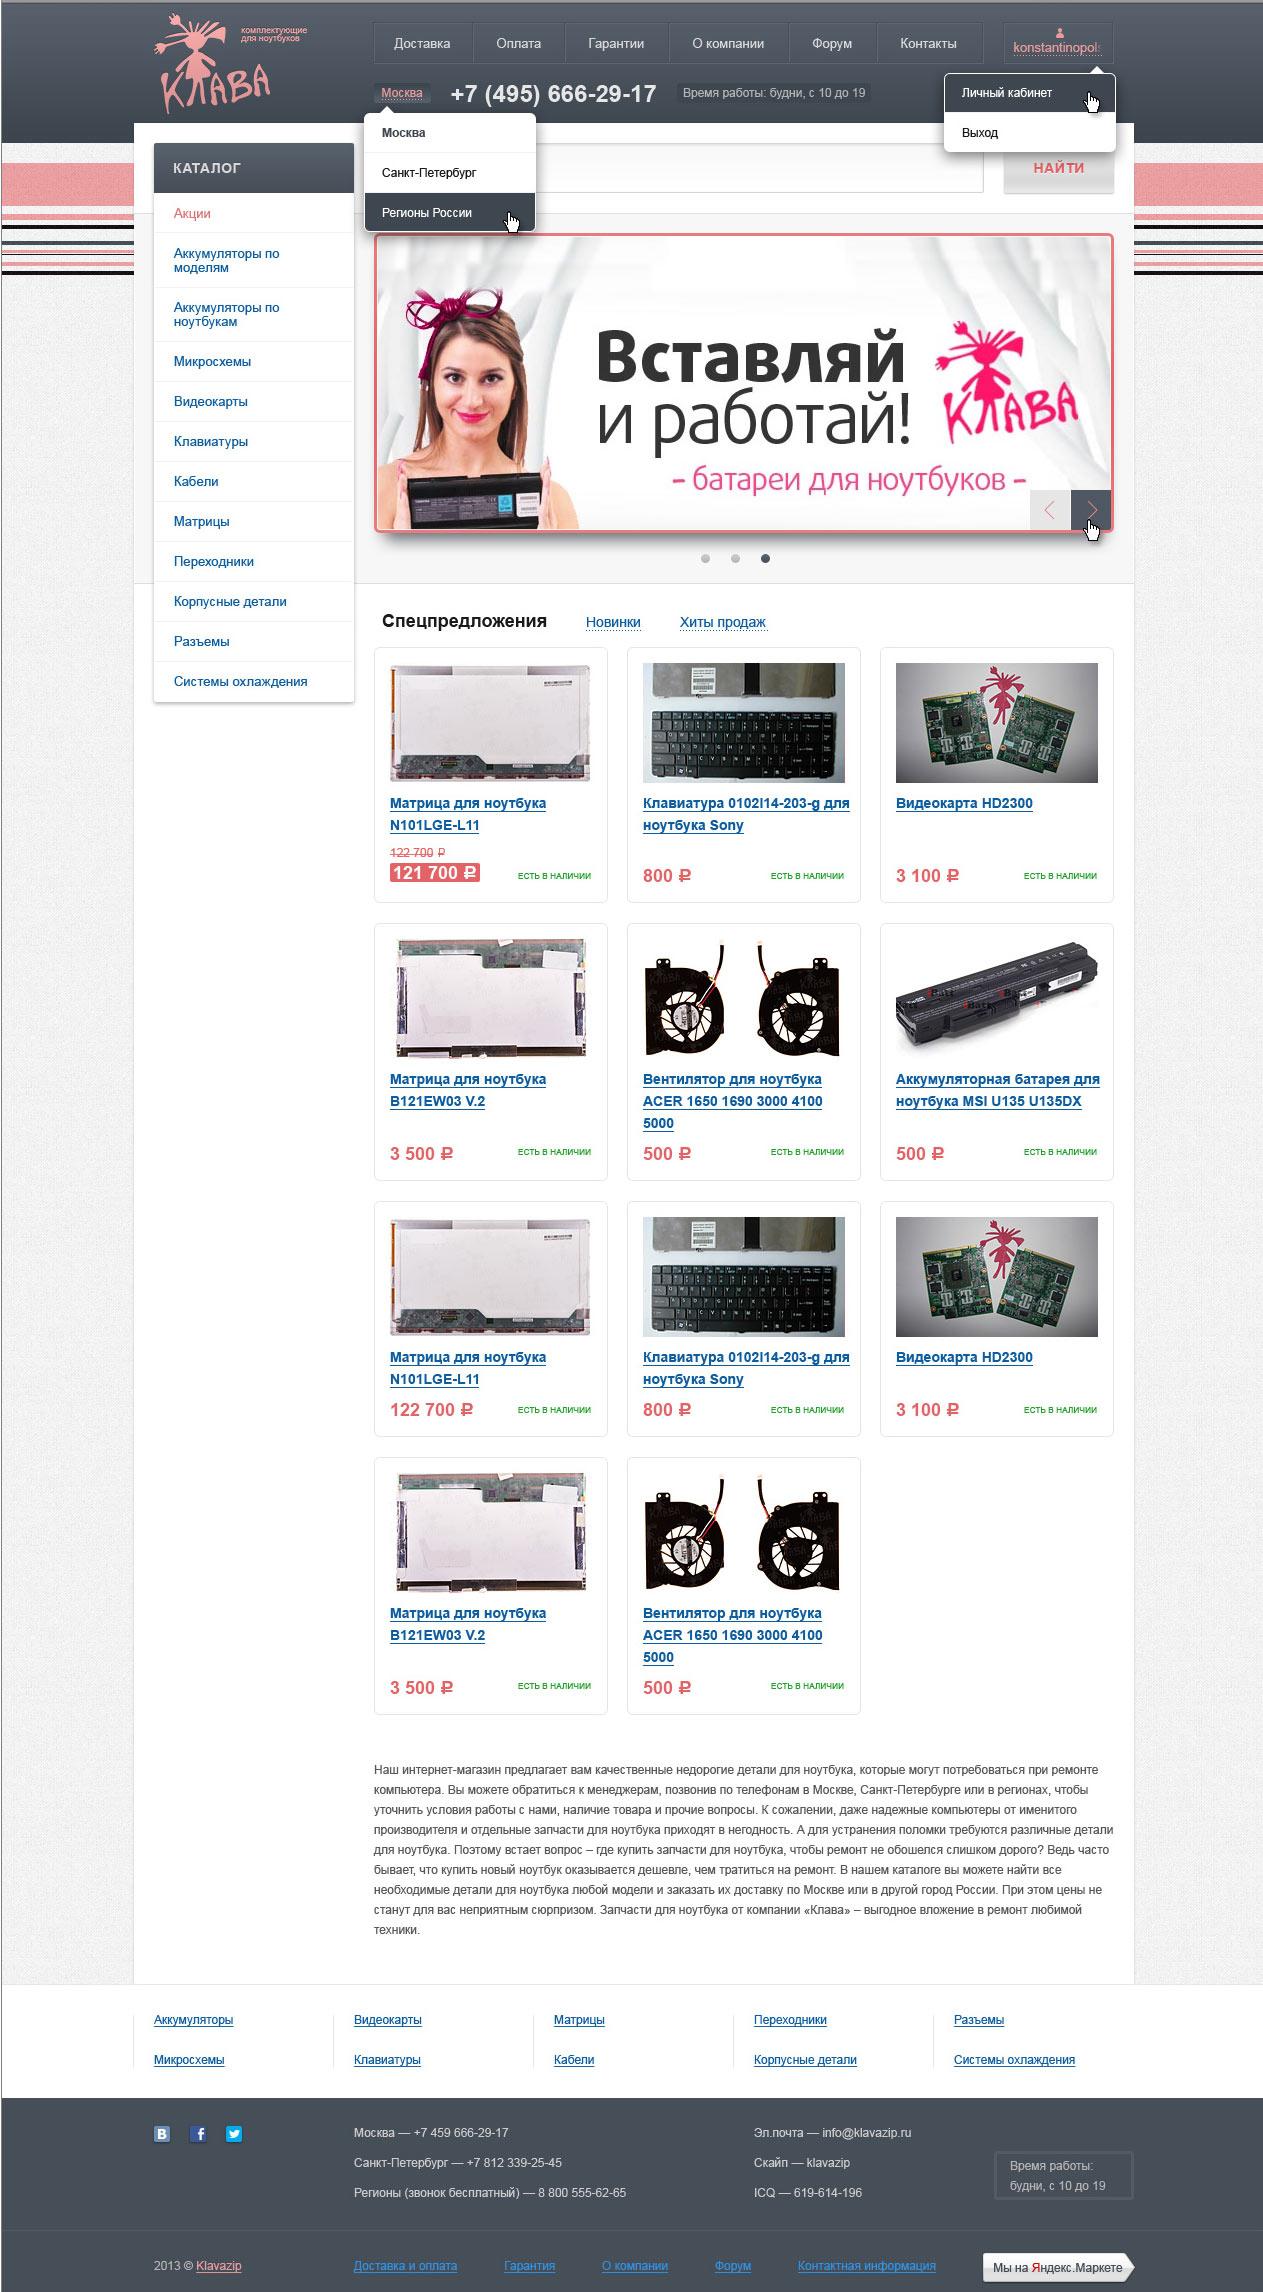 Интернет-магазин комплектующих для ноутбуков